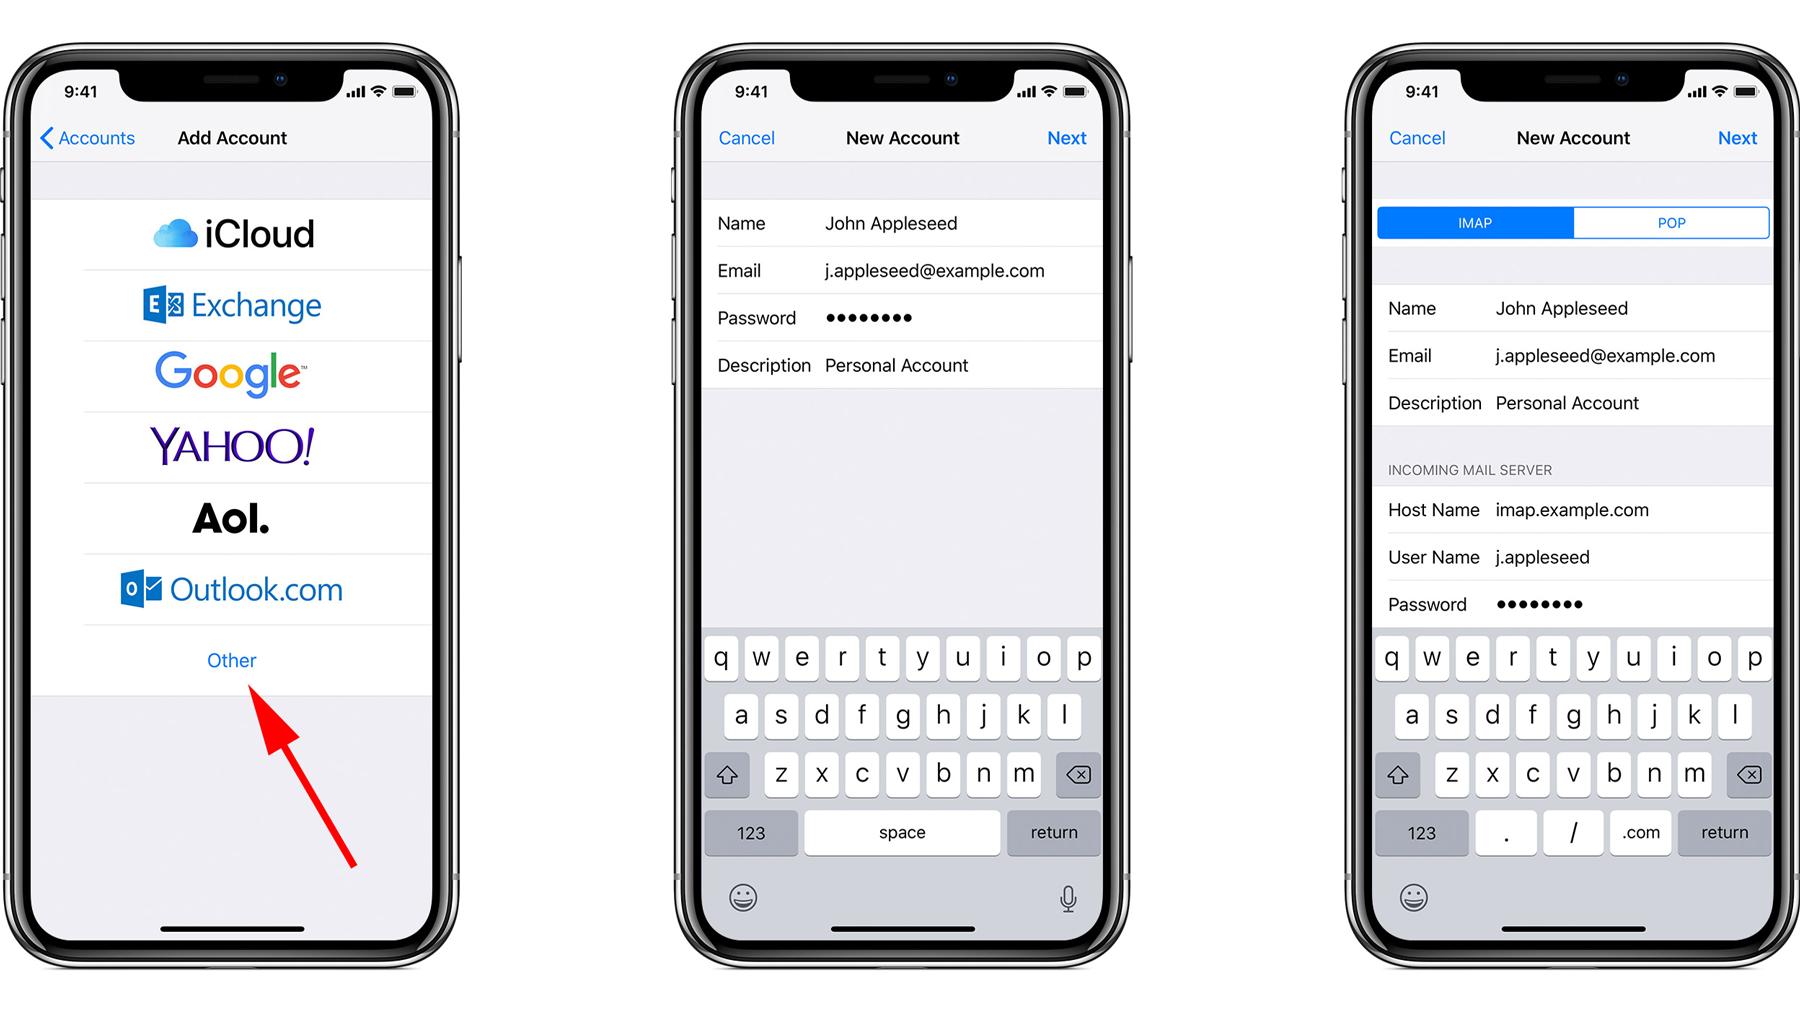 Cómo configurar y enviar correos electrónicos en iPhone o iPad: Agregar cuenta